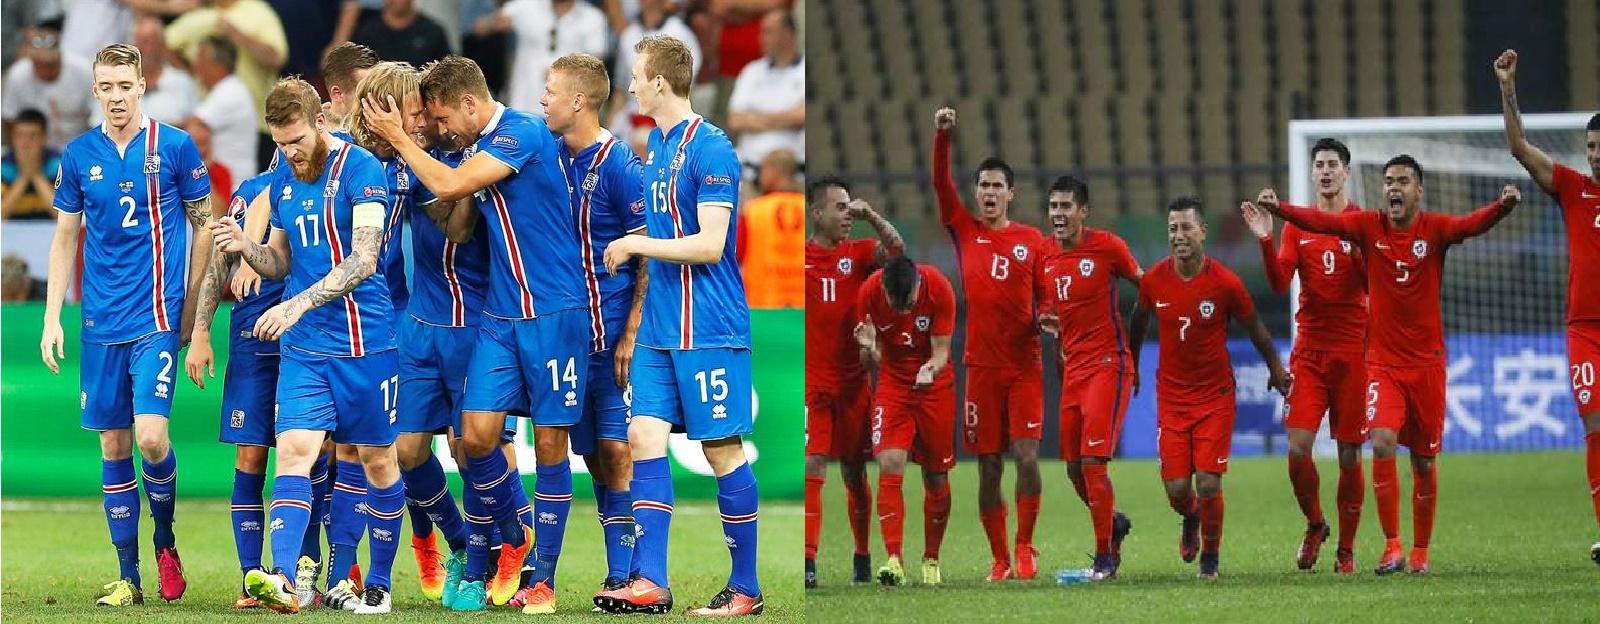 Finalizado: Islandia 0-1 Chile